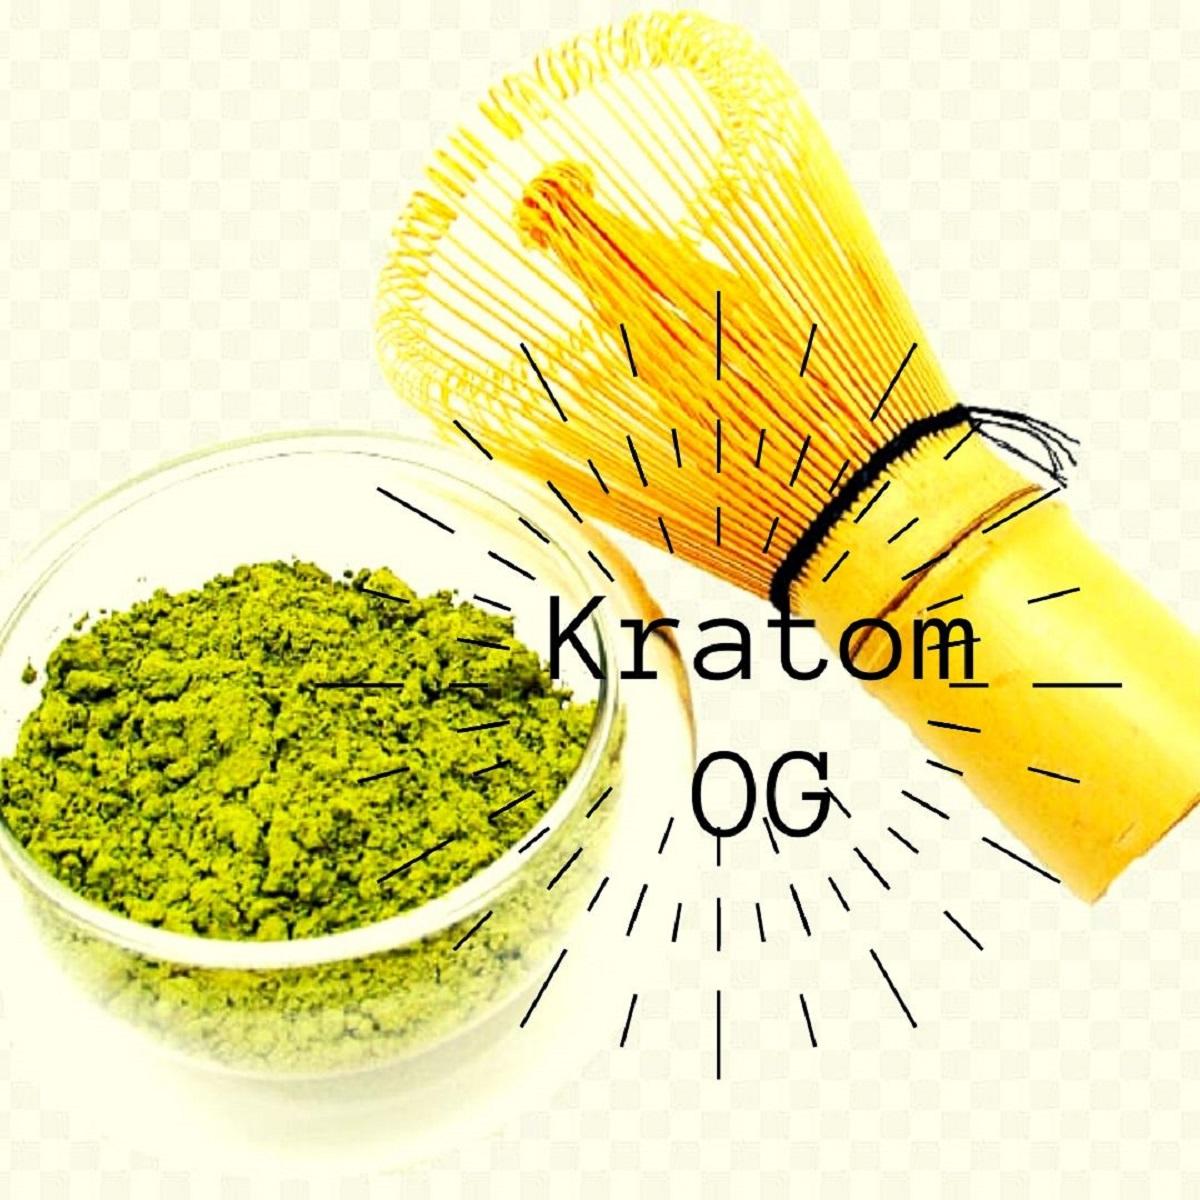 Kratom OG Review